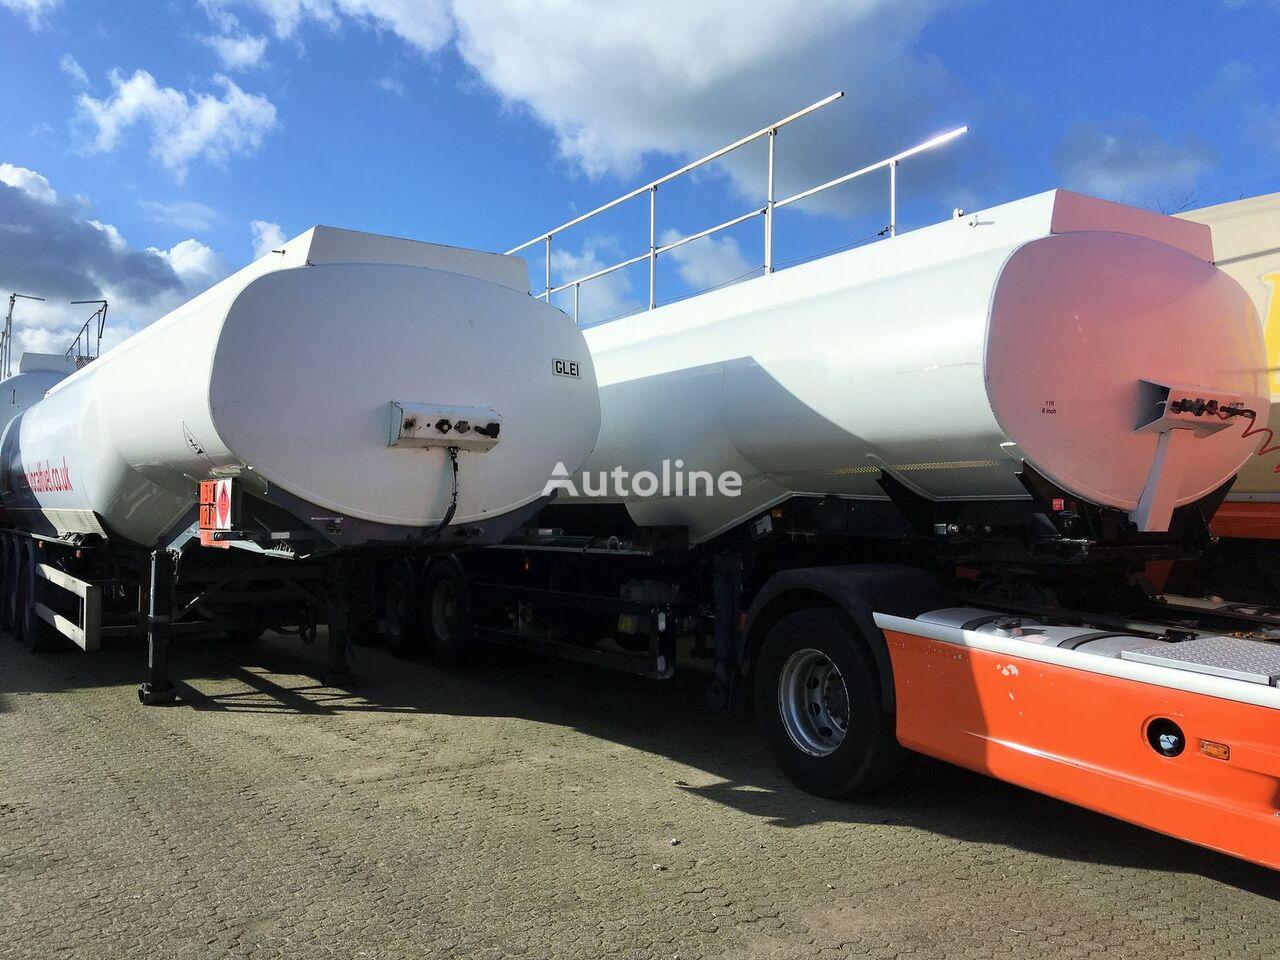 FRUEHAUF Fuel 40.400 ltr Benzin-Diesel LGBF Tankwagen für Heizöl und Diesel